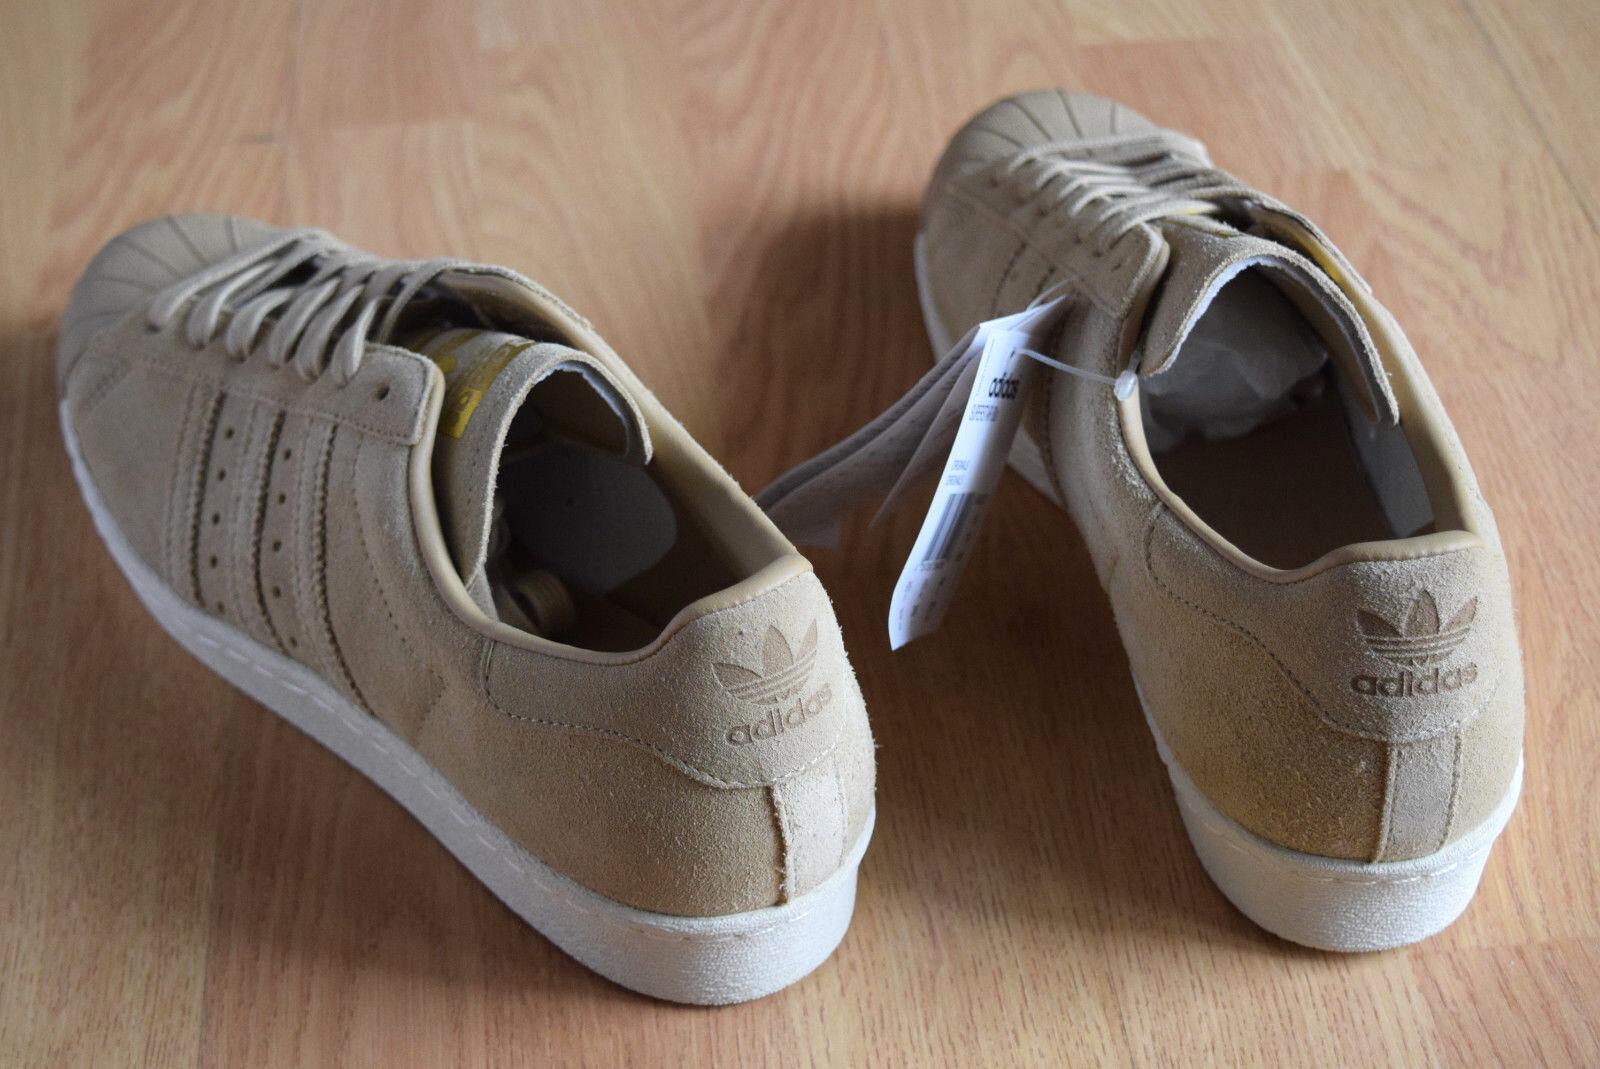 Adidas Superstar 45 80s 42 43 44 45 Superstar 46 BB2227 cAmPuS sTan smitH forUm dEcadE 80's 78f26c